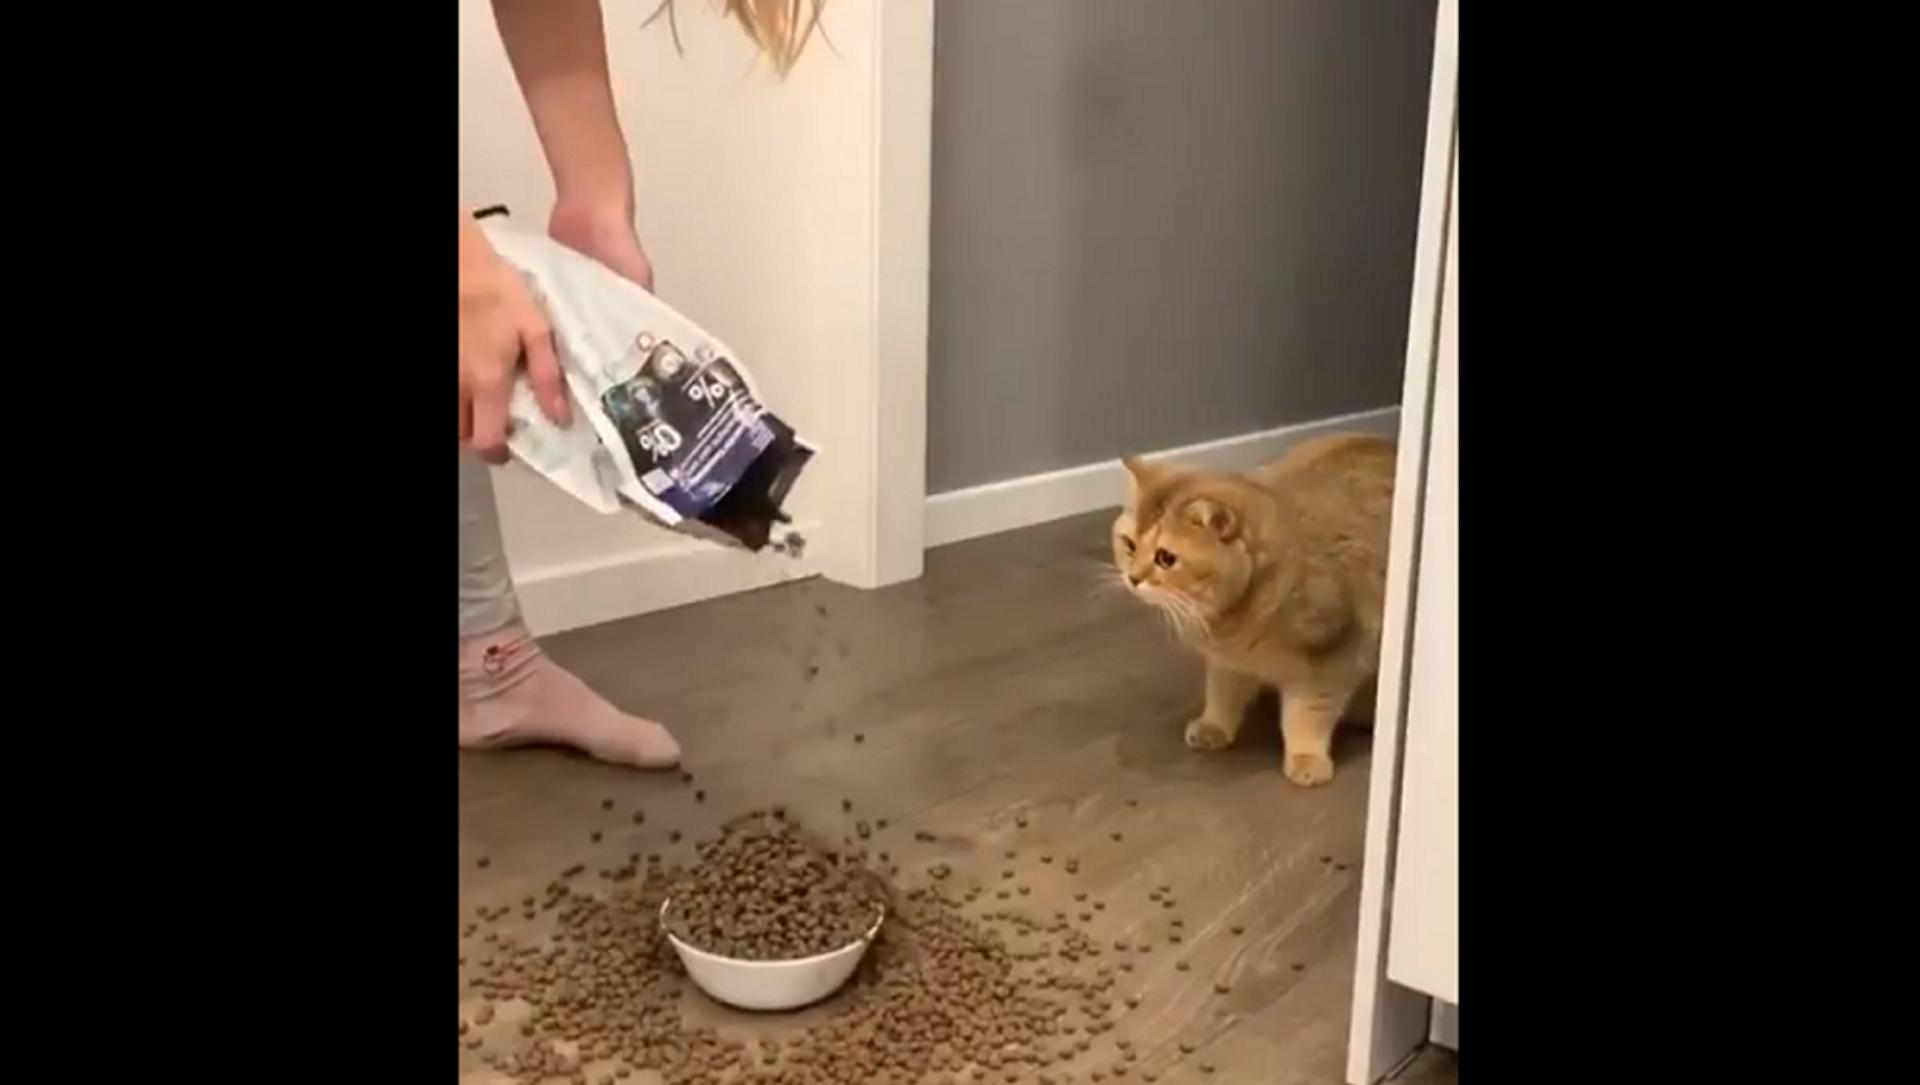 Девушка засыпала миску кота кучей корма, и его реакция бесценна – видео - Sputnik Грузия, 1920, 24.02.2021